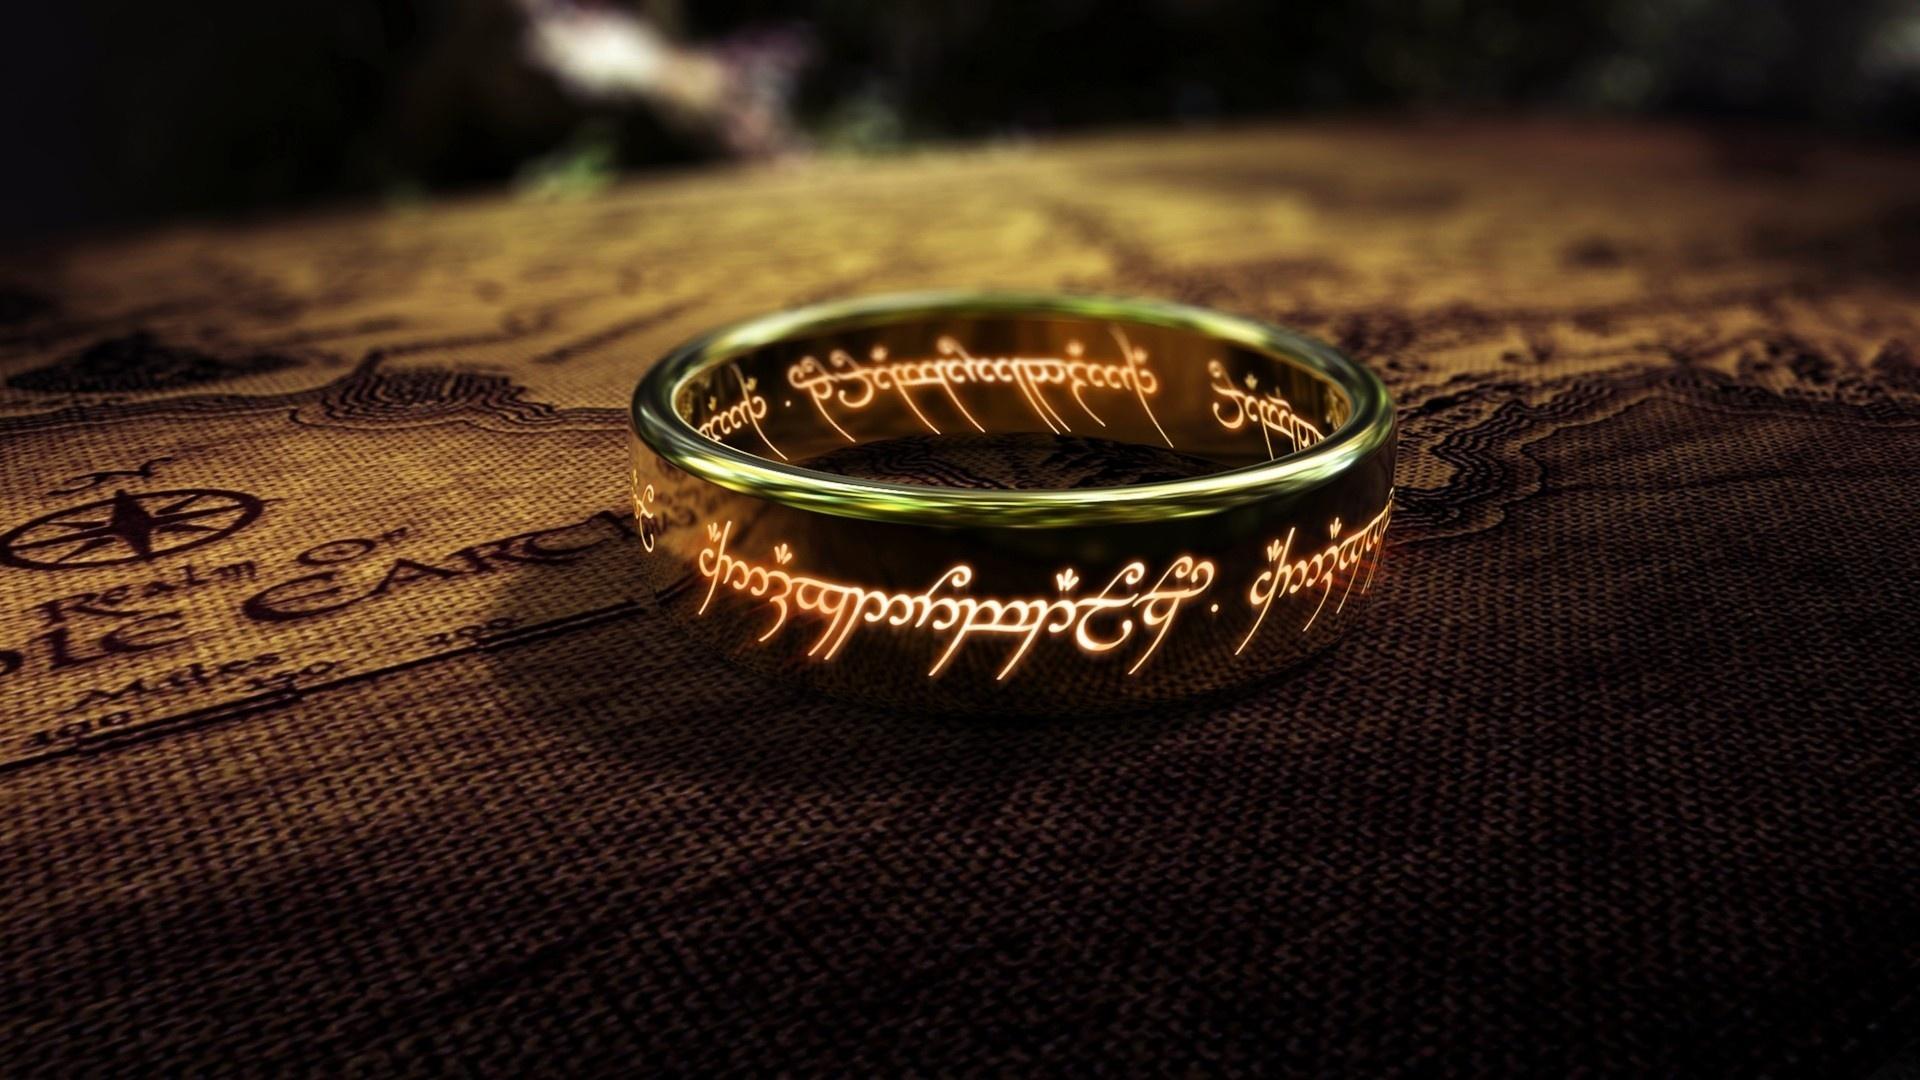 Herr der ringe einer der ring close up hintergrundbilder 1920x1080